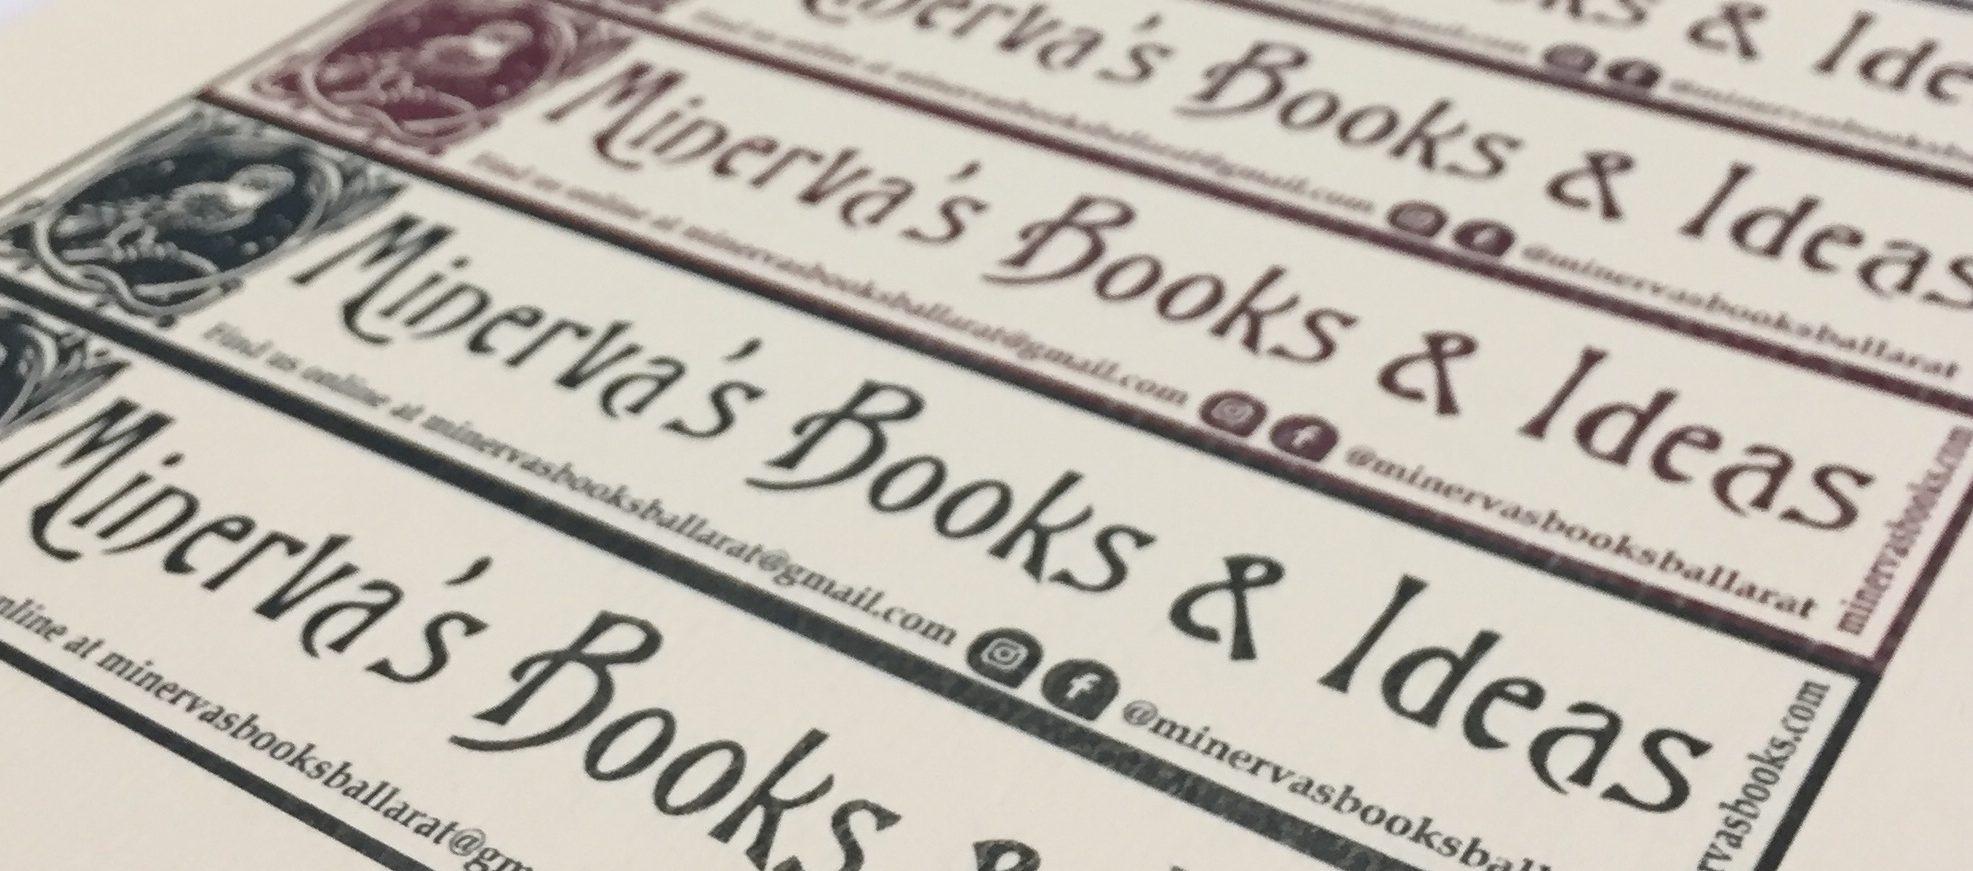 Minerva's Books & Ideas